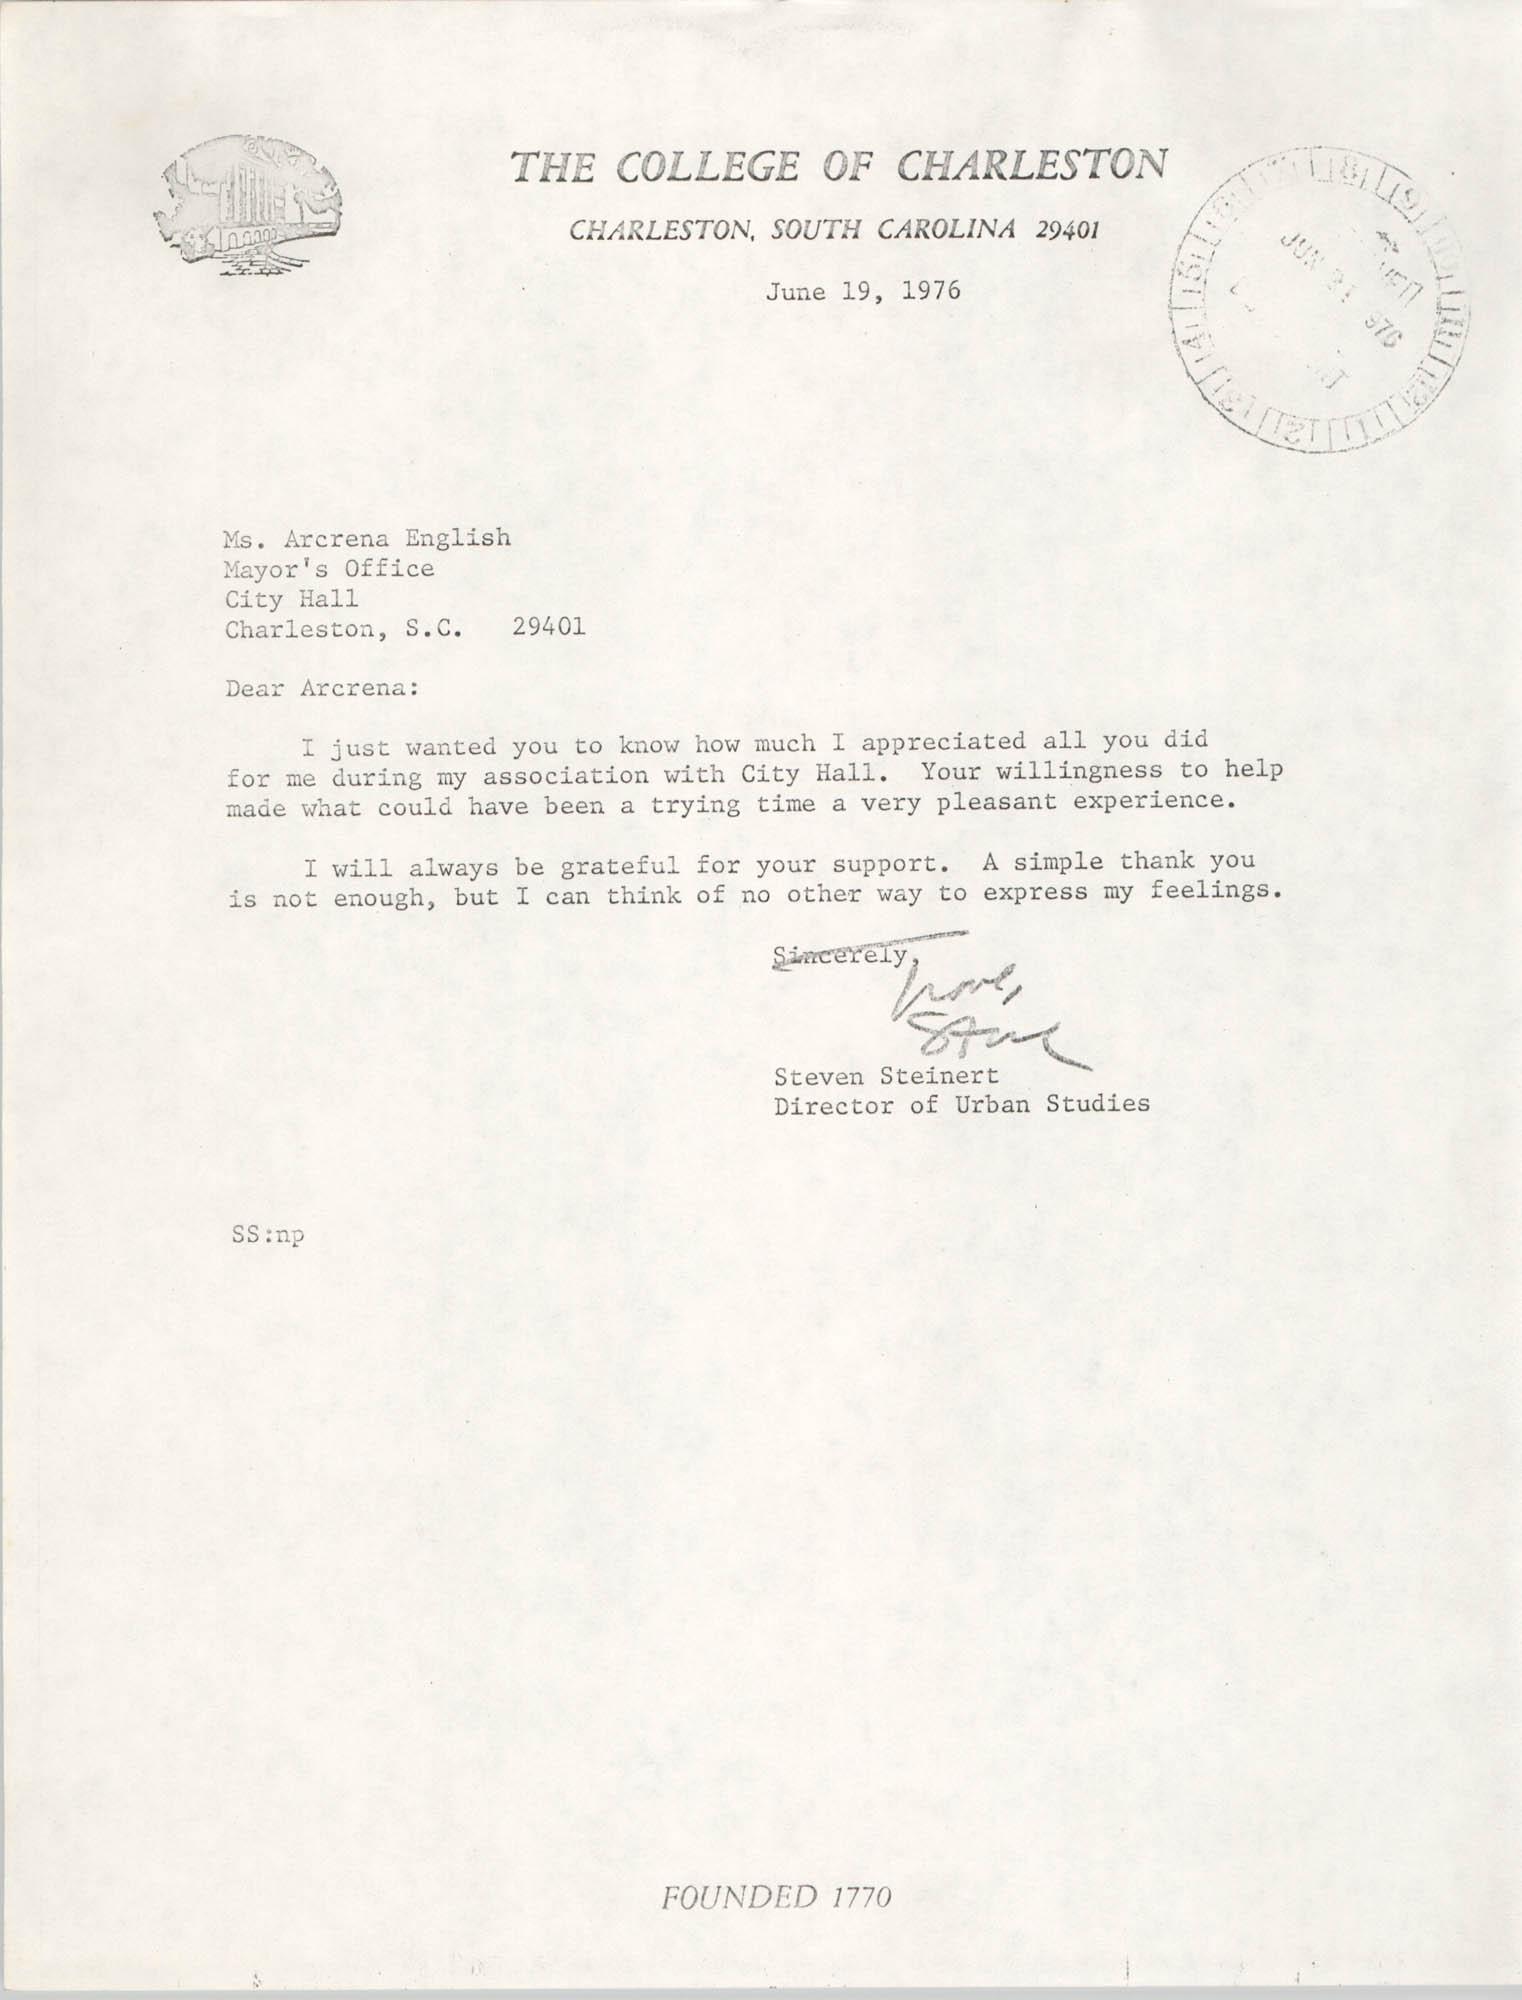 Letter from Steven Steinert to Arcrena Ann English, June 19, 1976